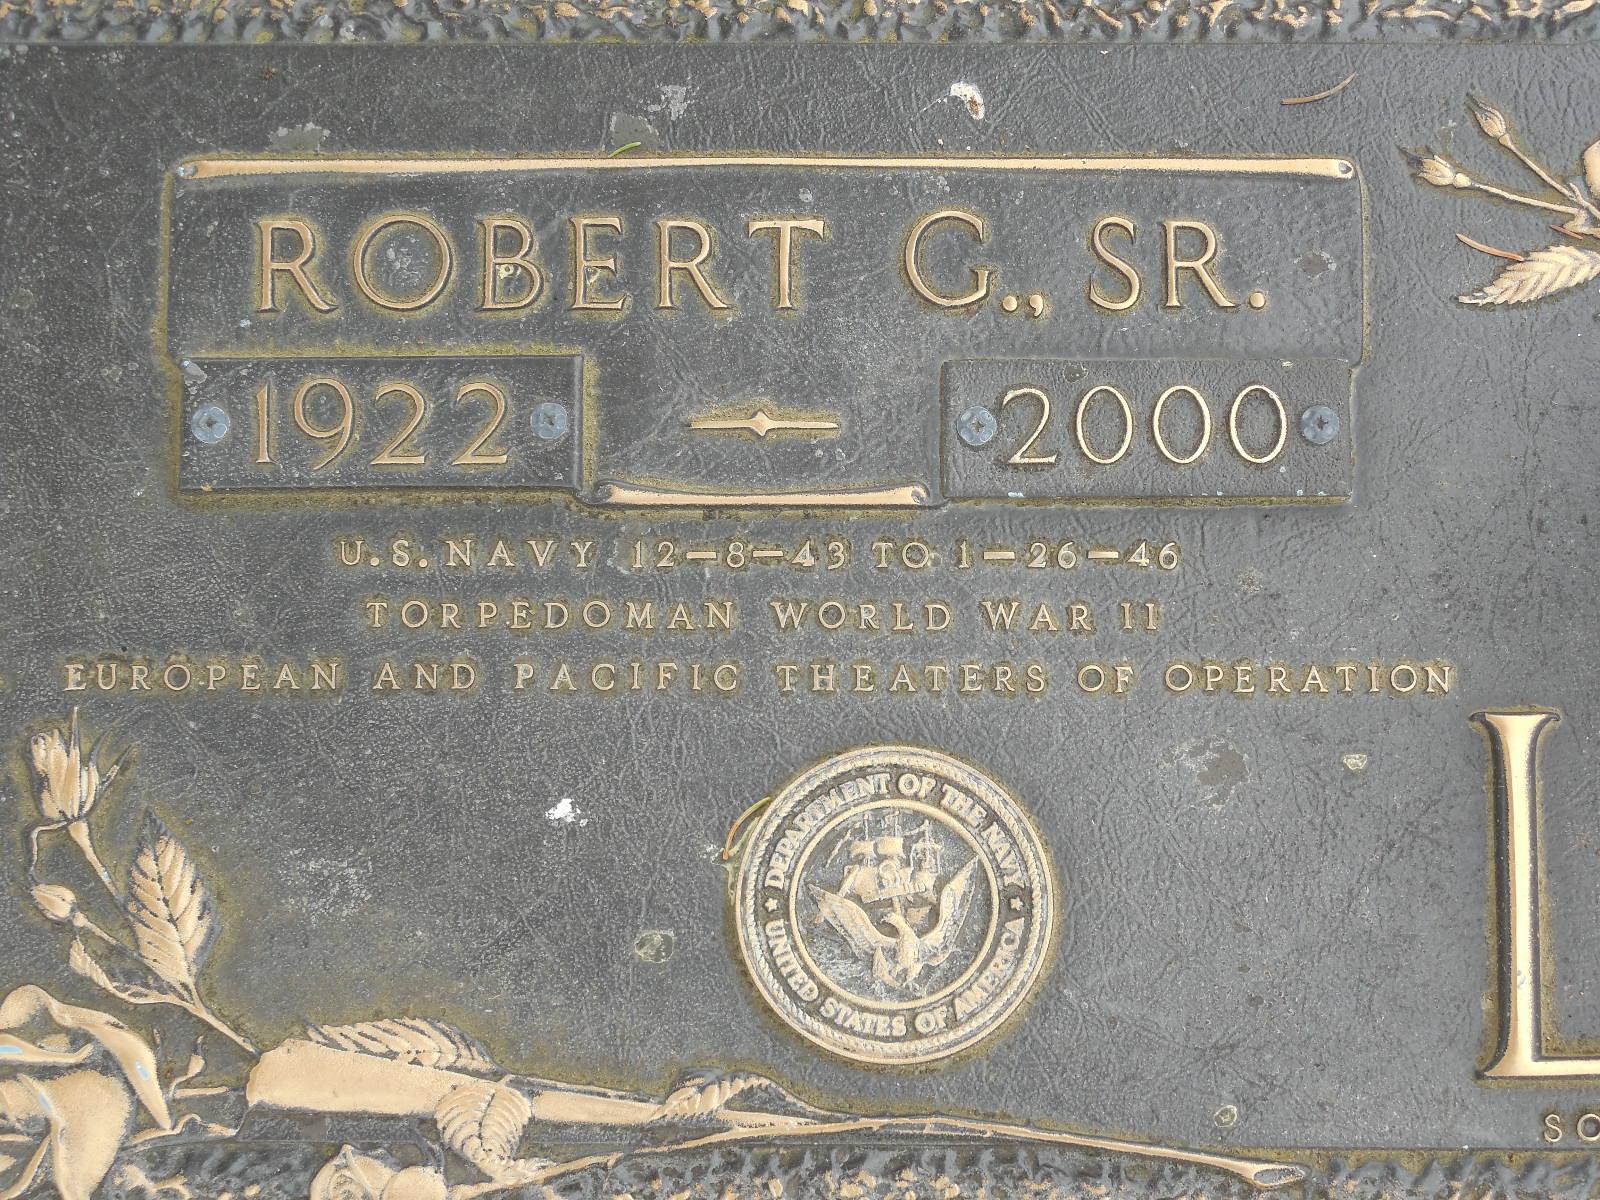 Robert G Lear, Sr